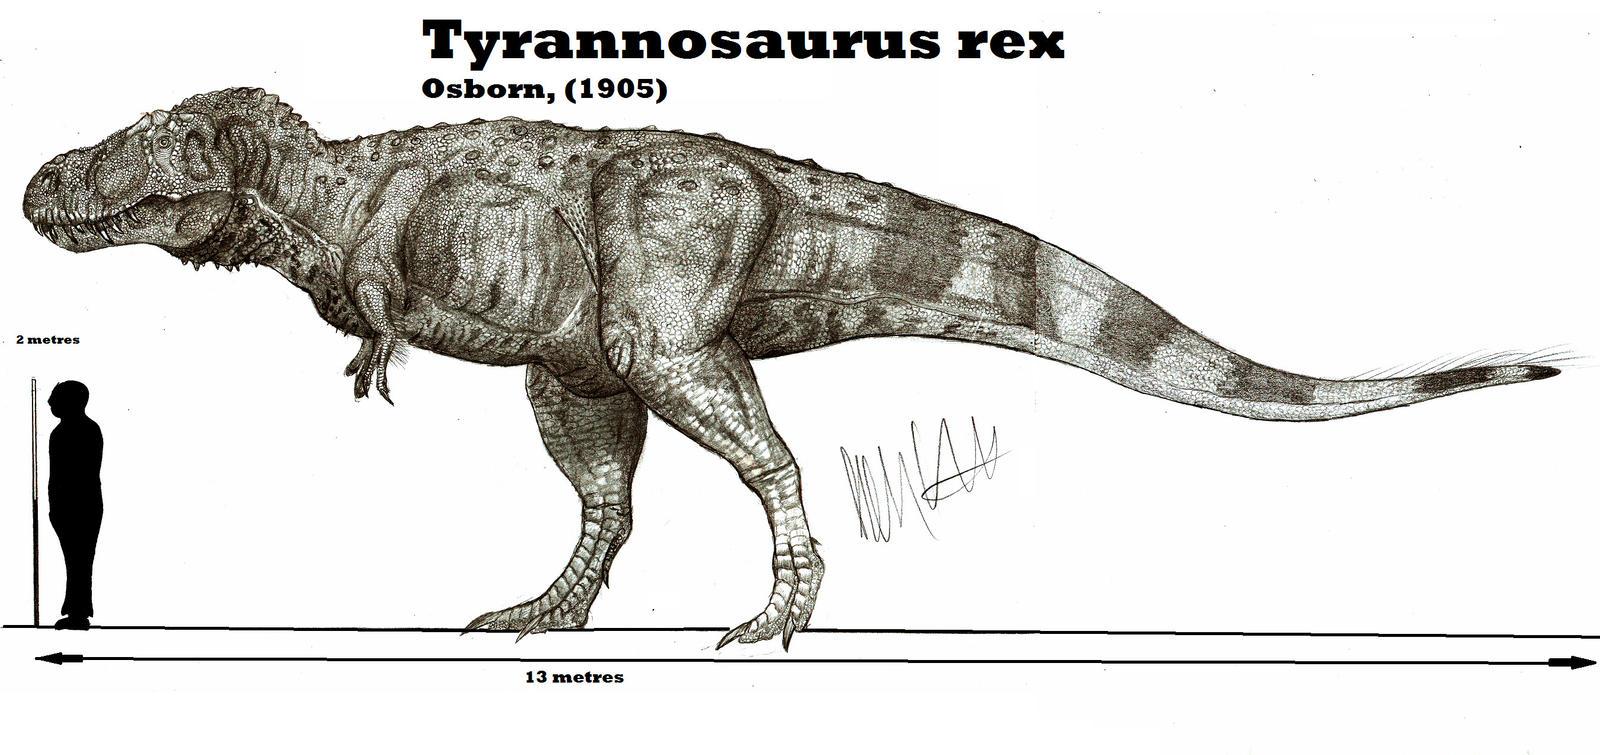 Tyrannosaurus rex by teratophoneus on deviantart for Tyranosaurus rex